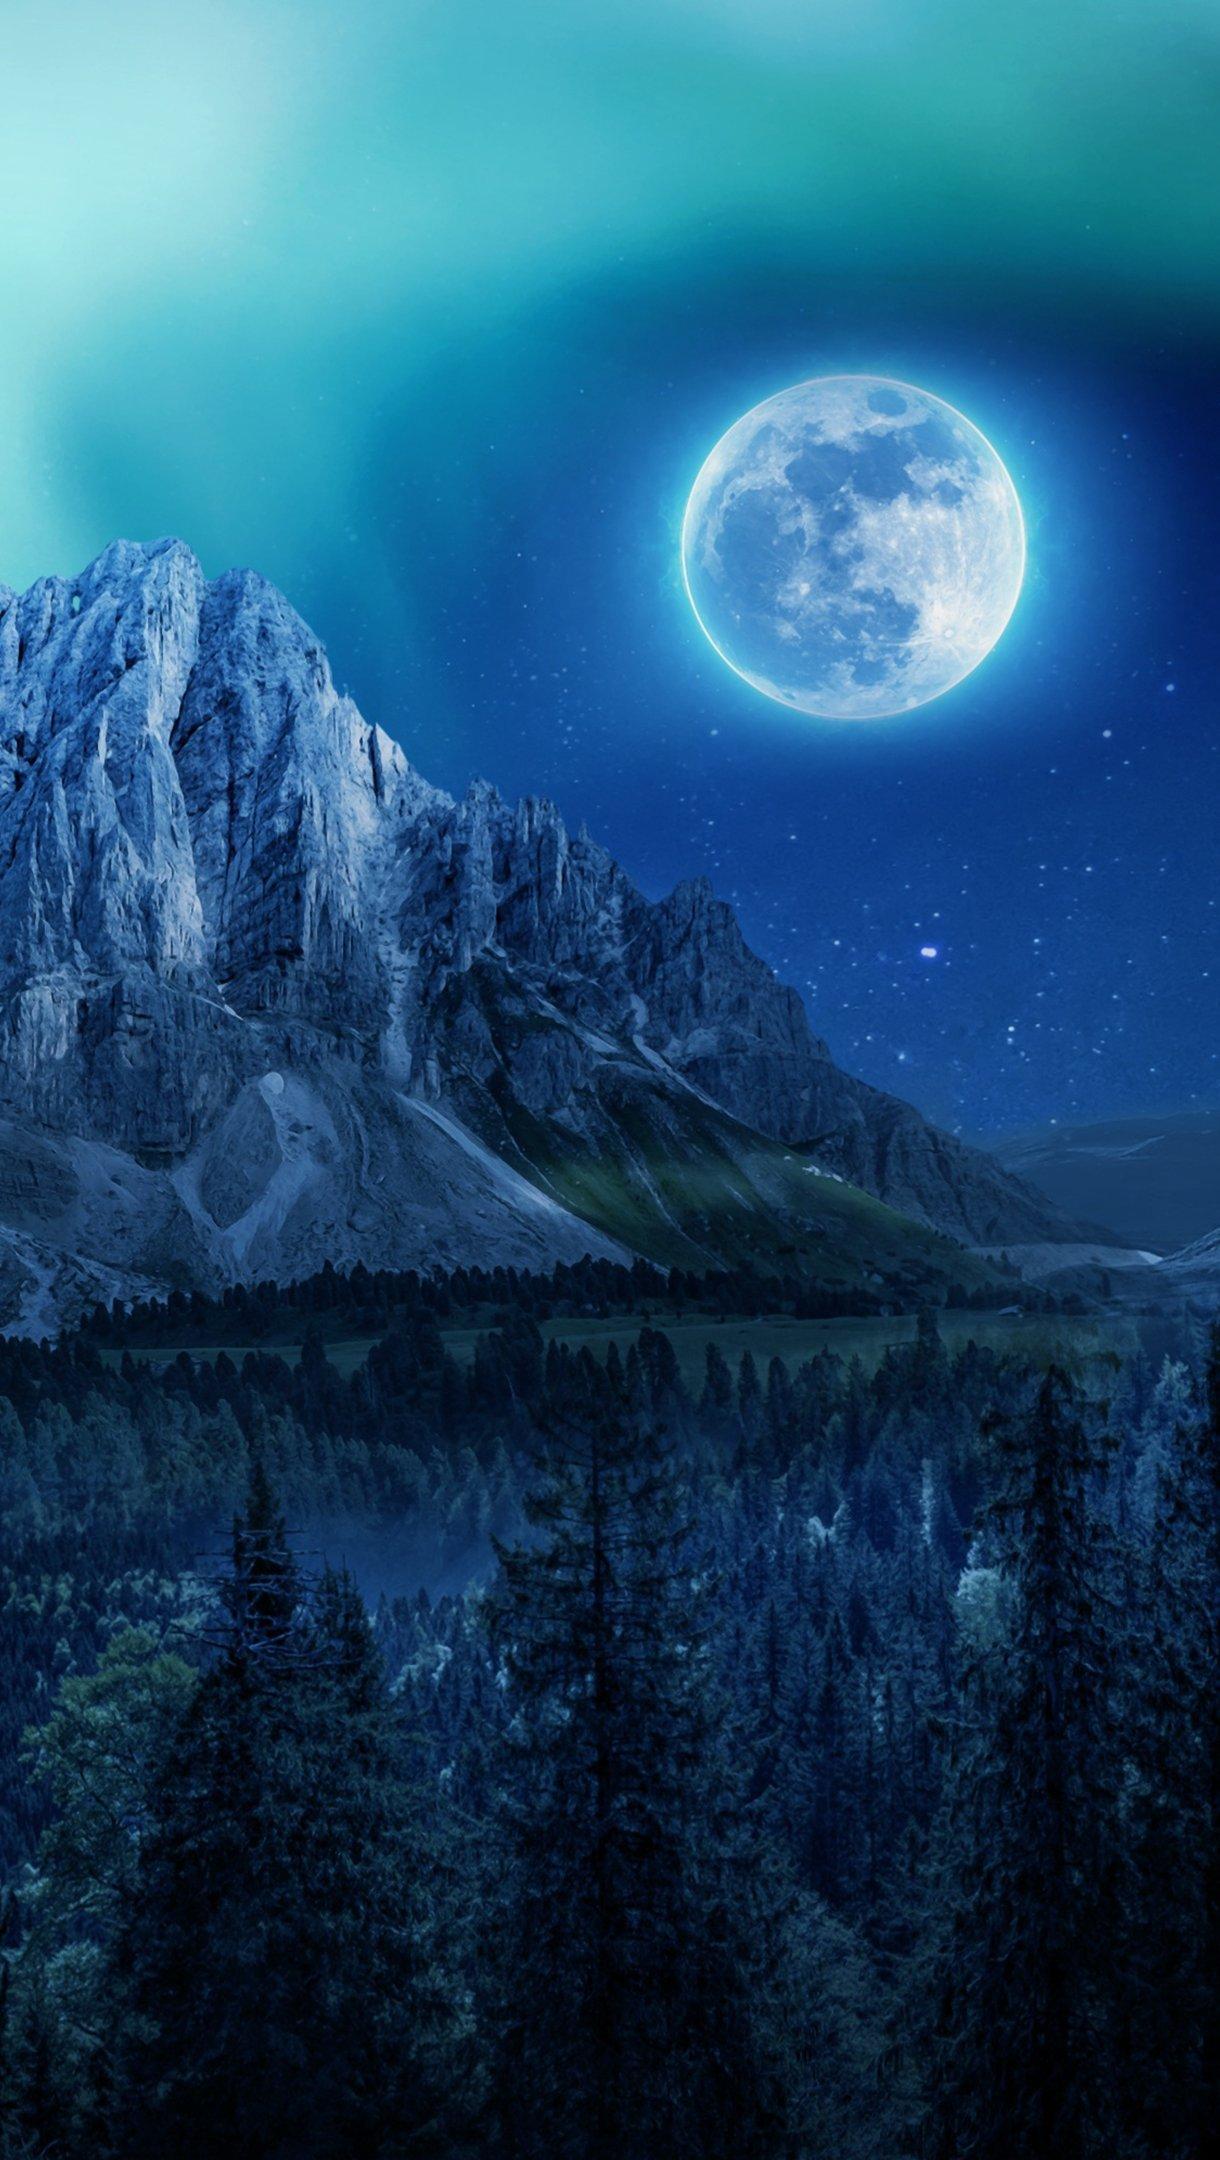 Fondos de pantalla La luna en bosque en las montañas Vertical